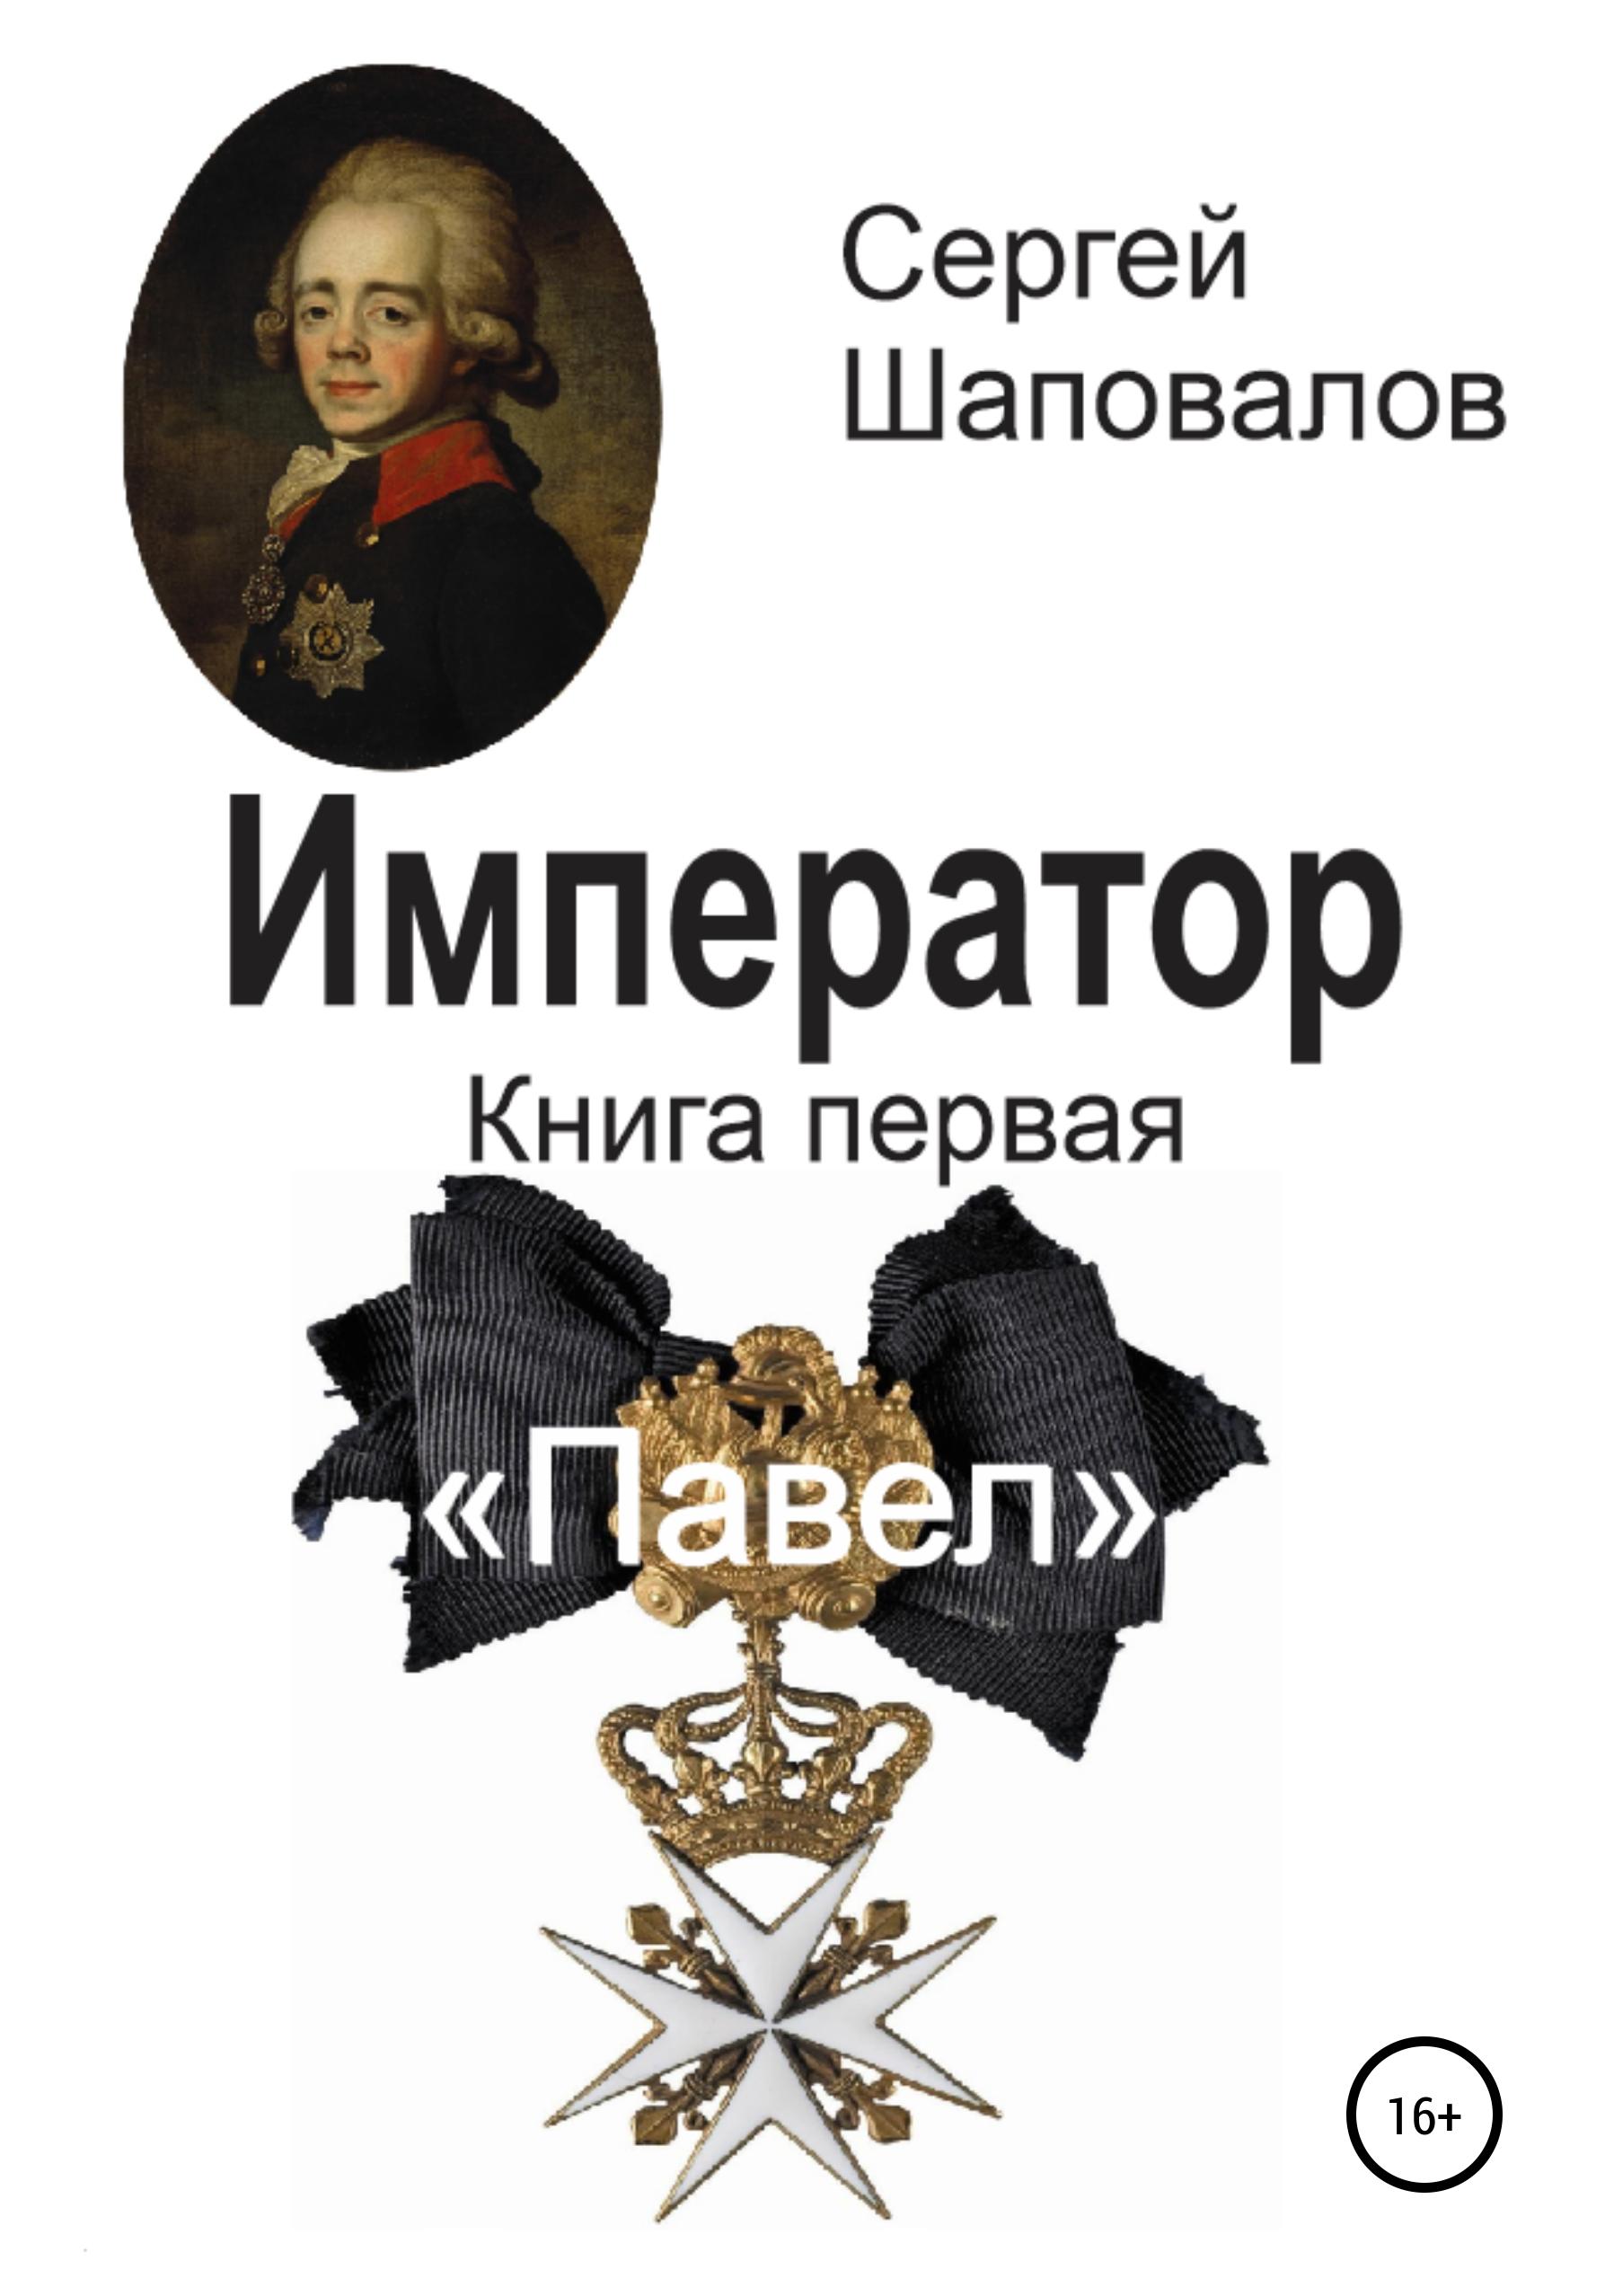 Сергей Шаповалов - Император. Книга первая. Павел